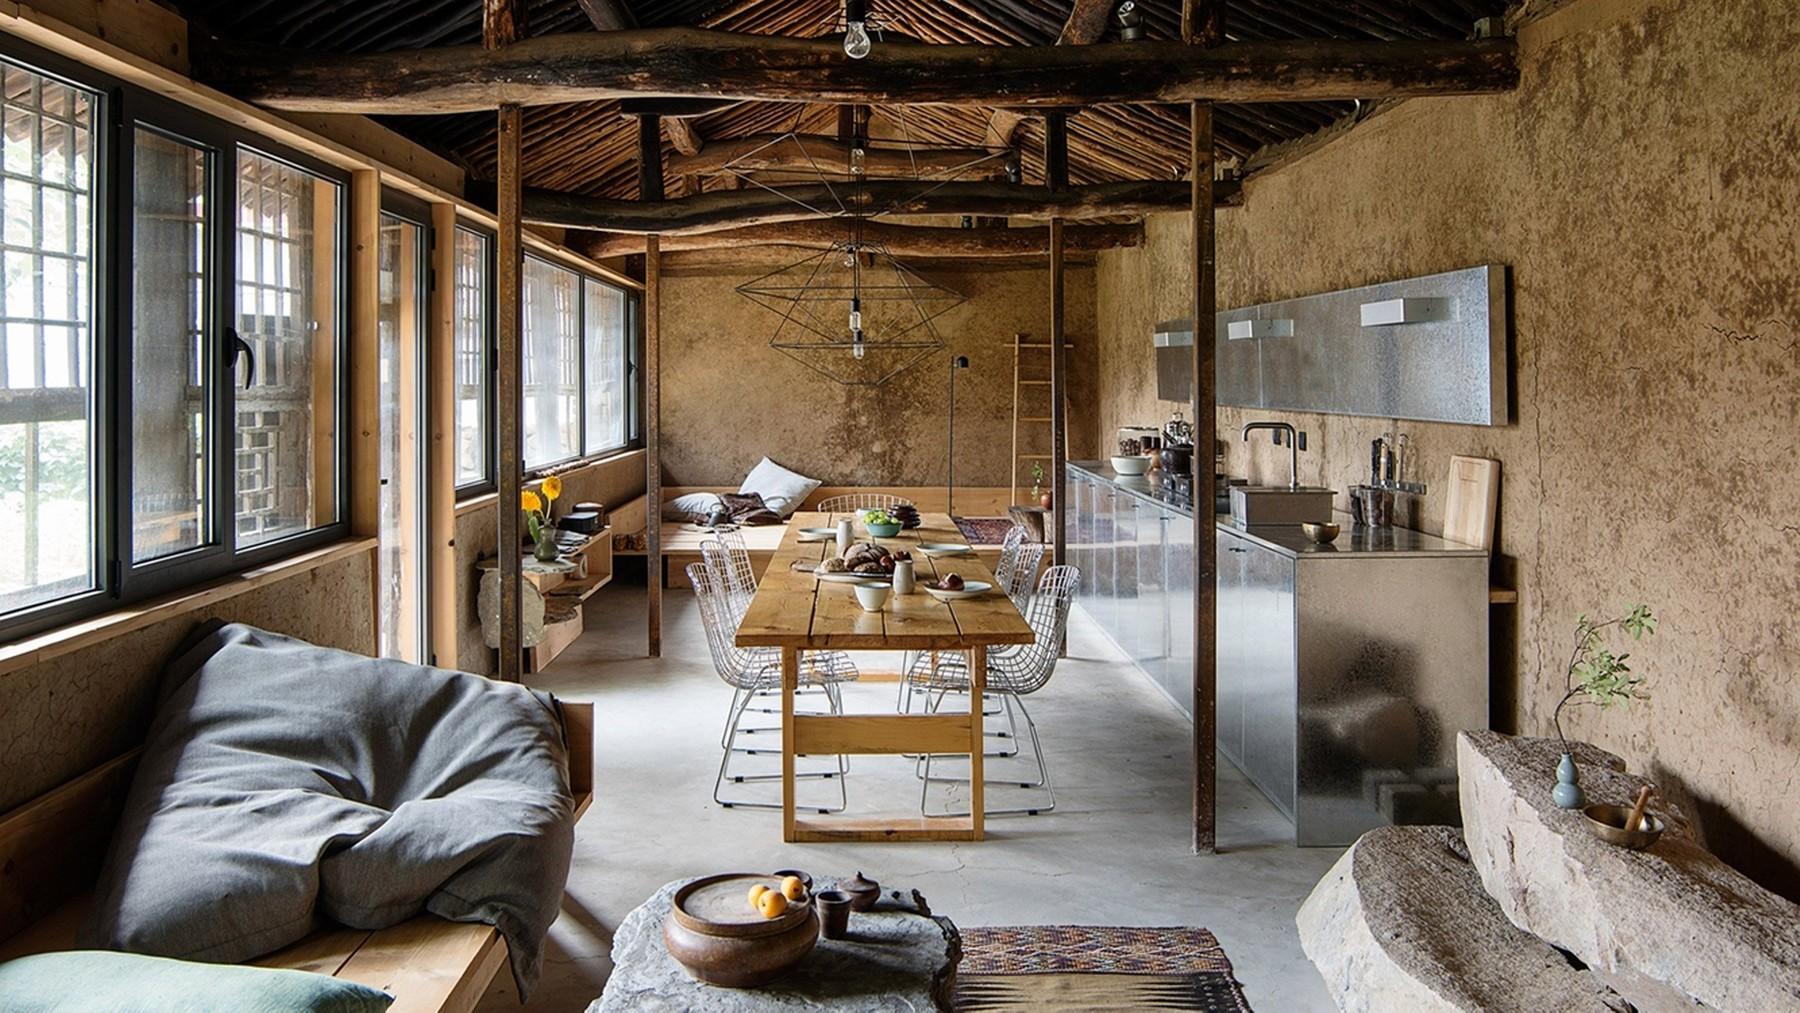 rustic-interiors-lookbook_dezeen_2364_hero.jpg